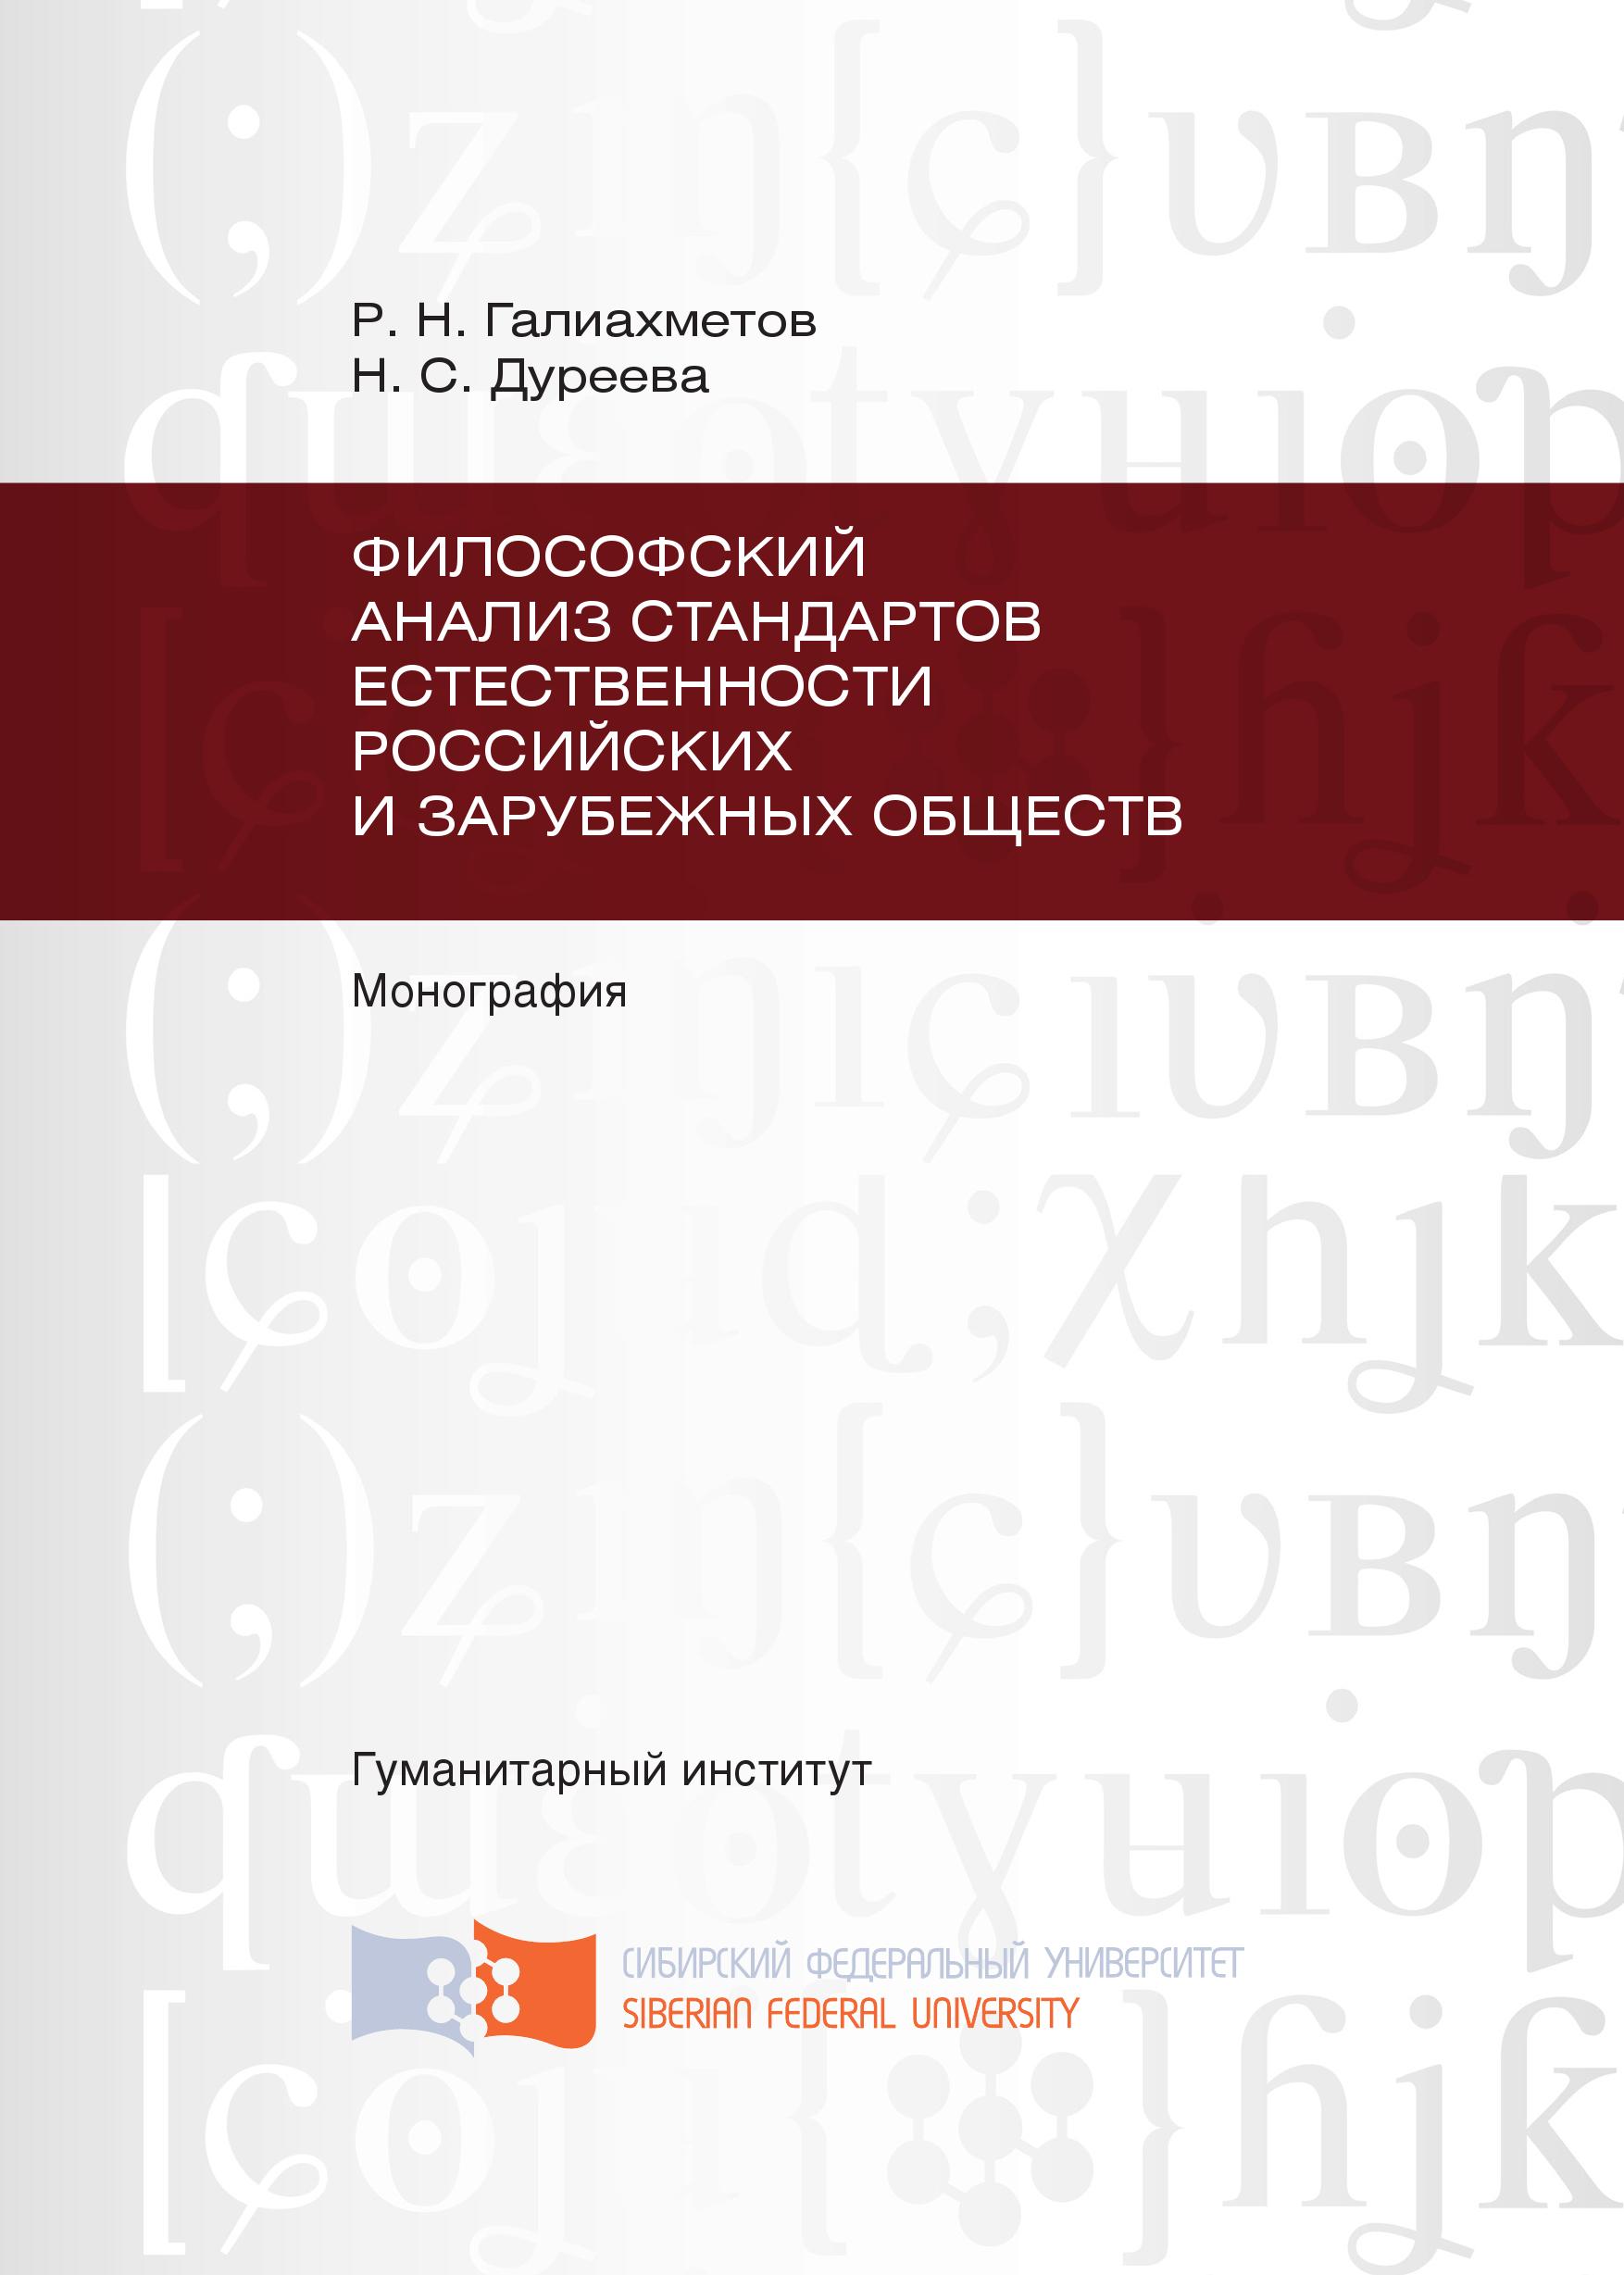 Философский анализ стандартов естественности российских и зарубежных обществ